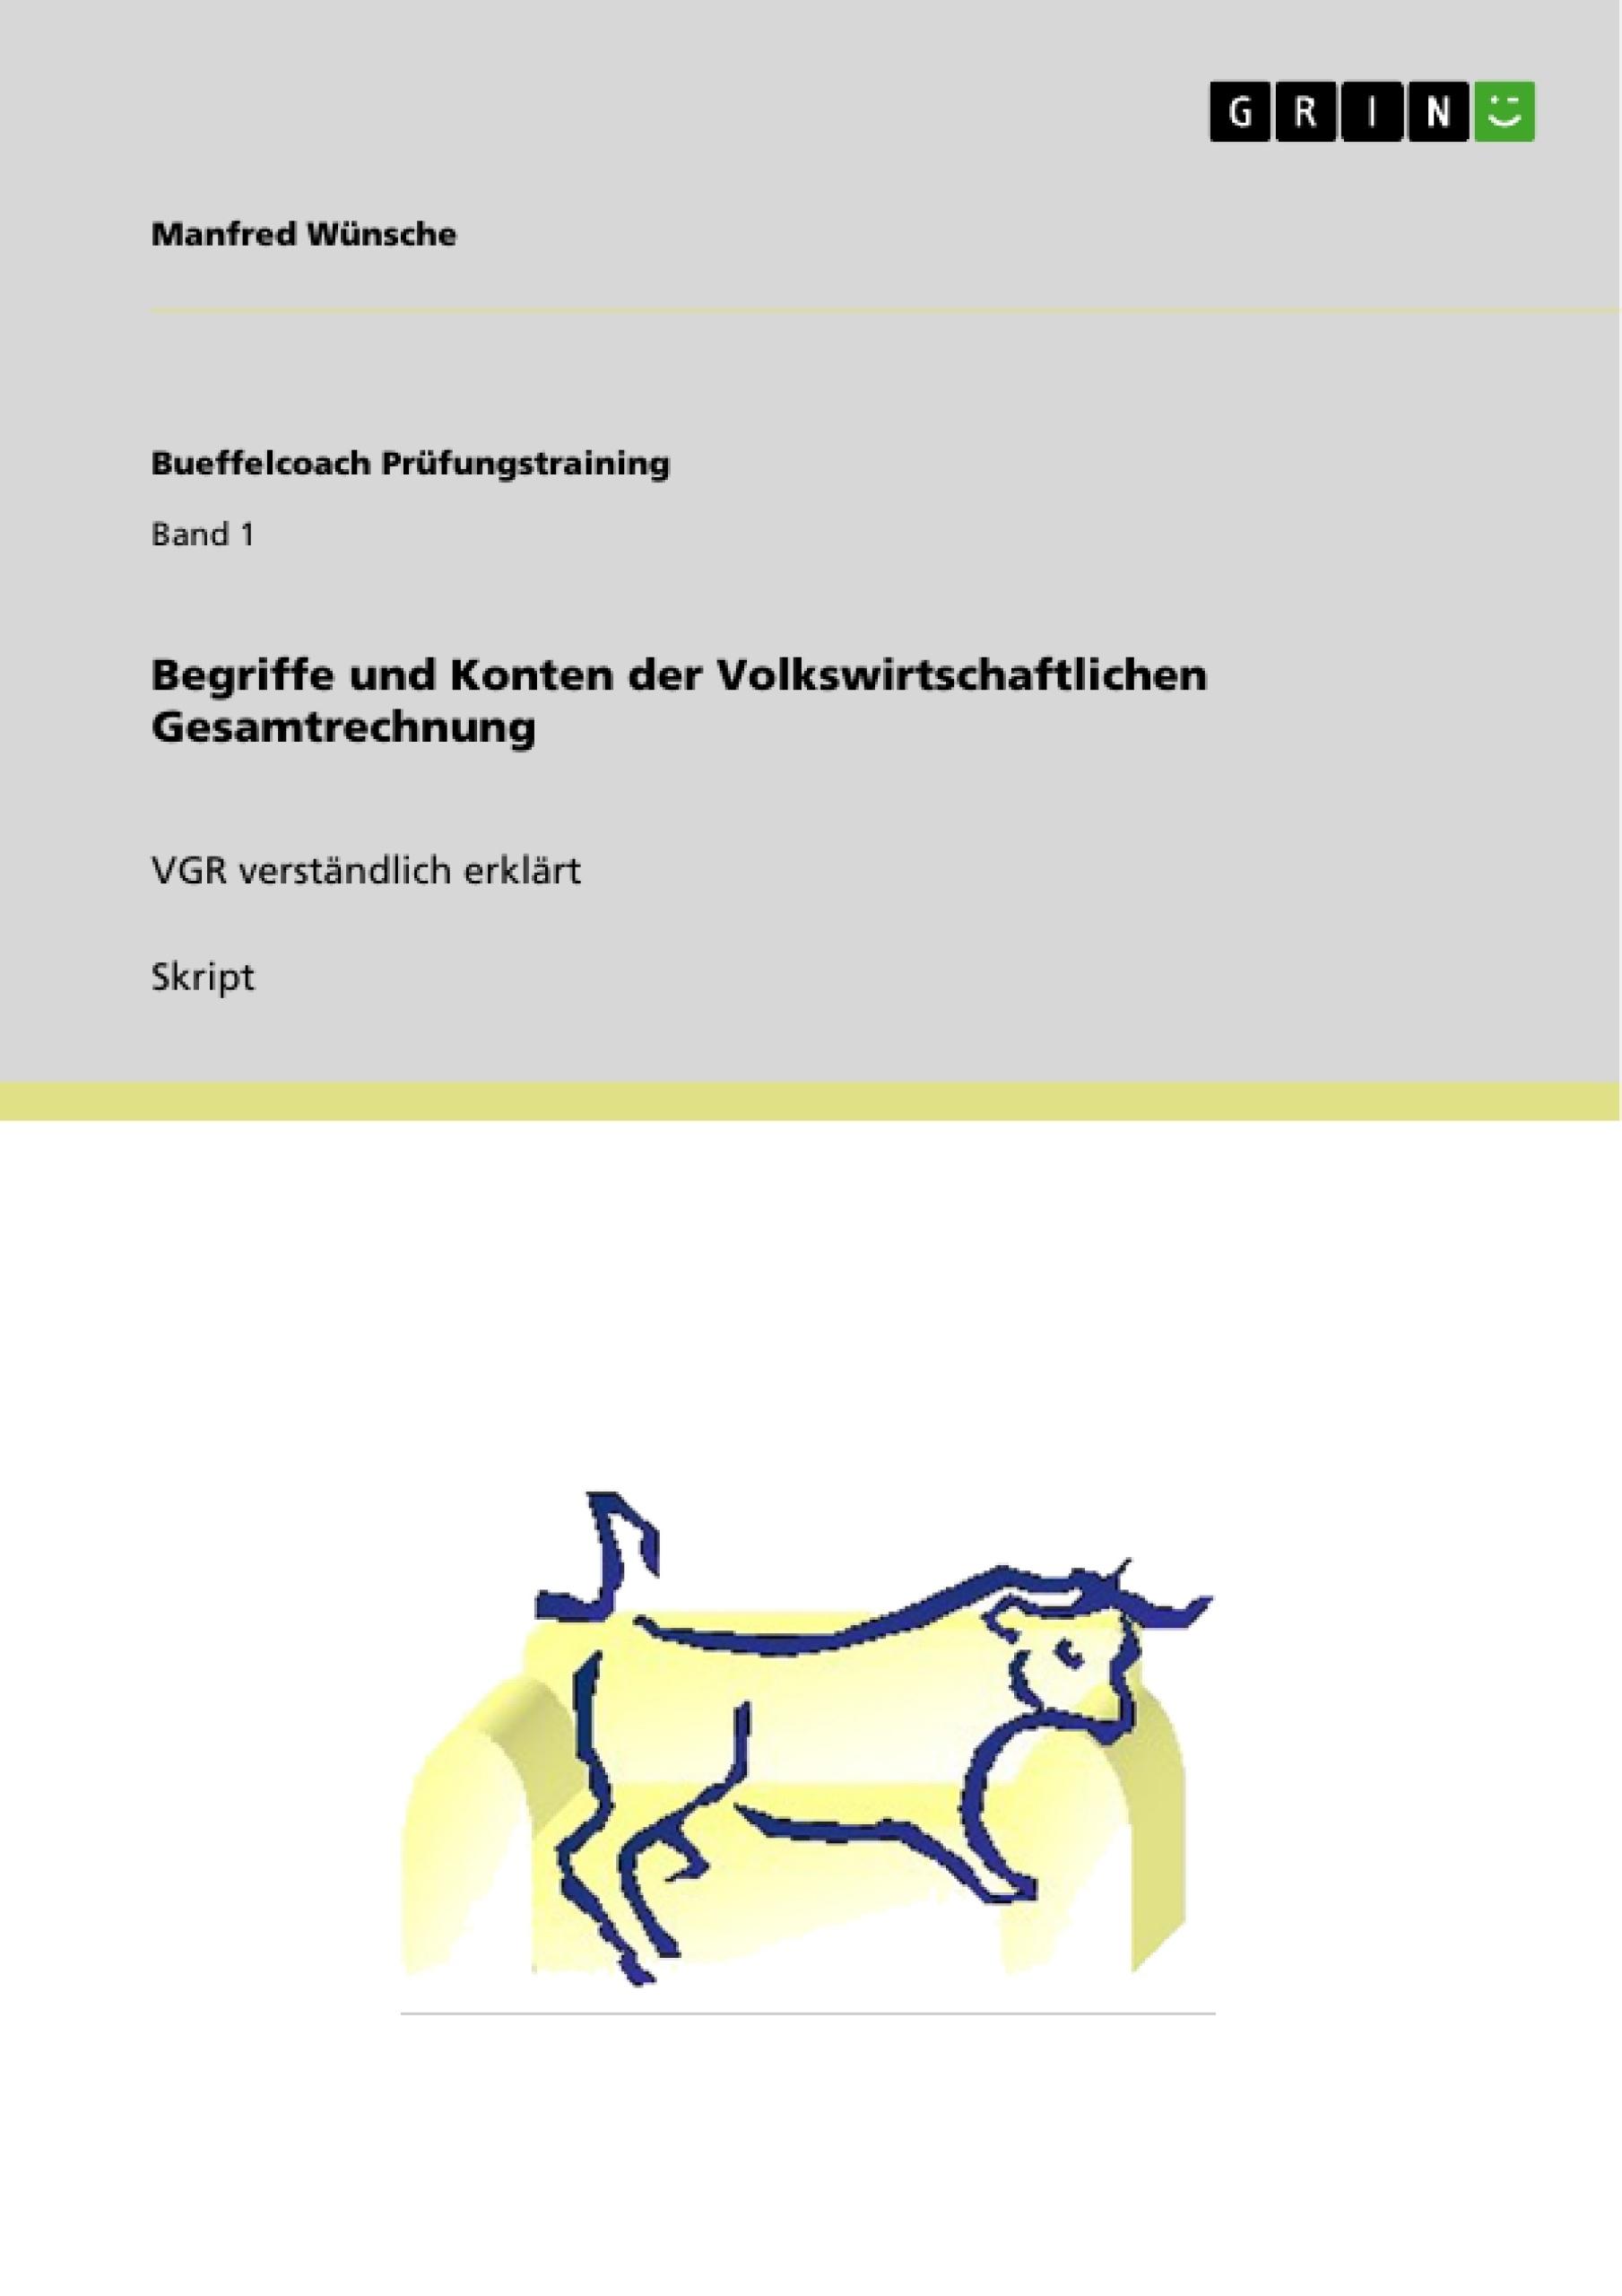 Titel: Begriffe und Konten der Volkswirtschaftlichen Gesamtrechnung